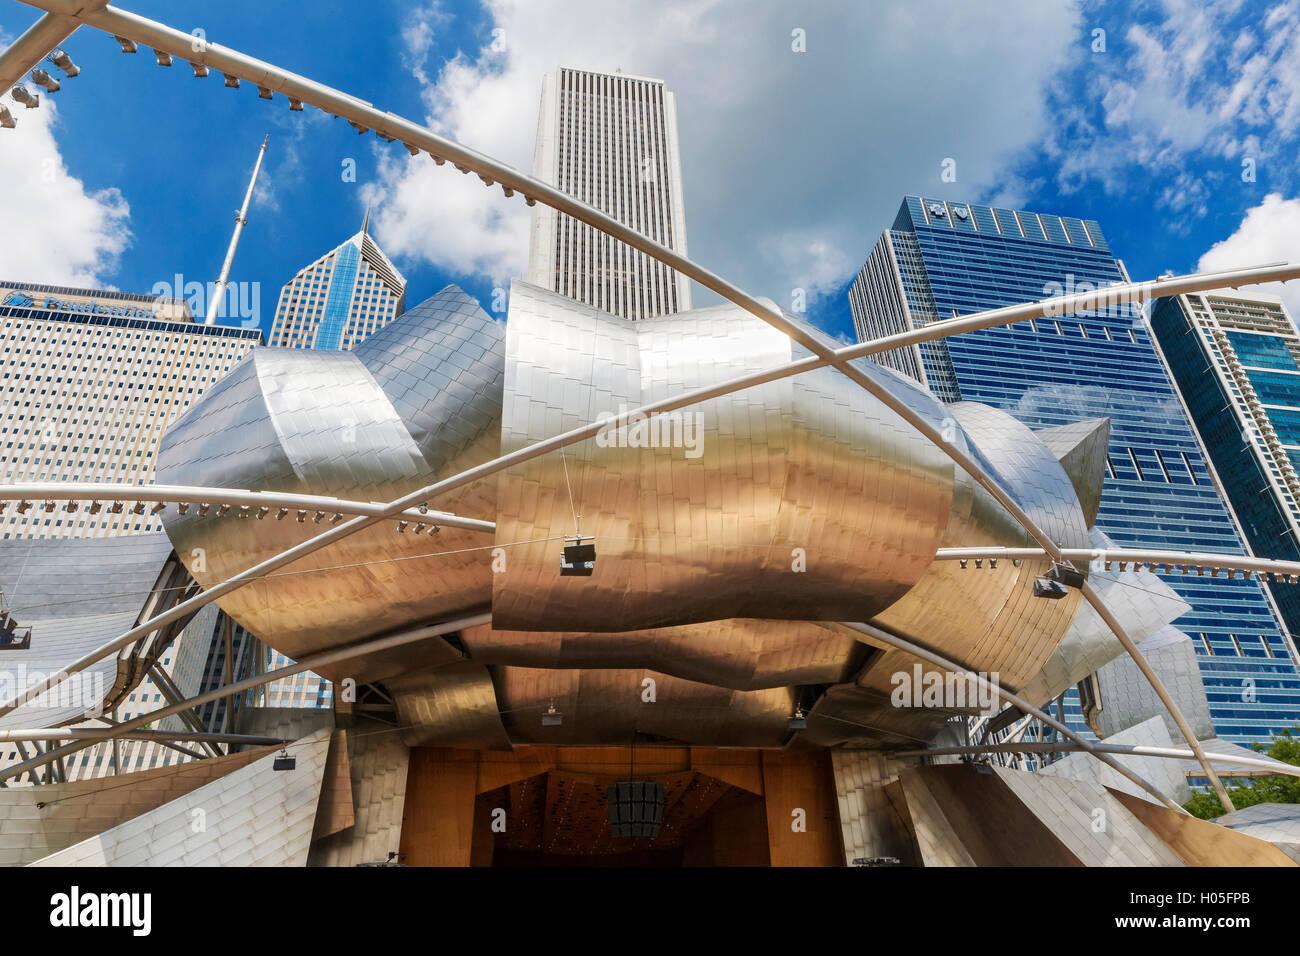 Jay Pritzker Pavilion, Millennium Park, Chicago, Illinois - Stock Image